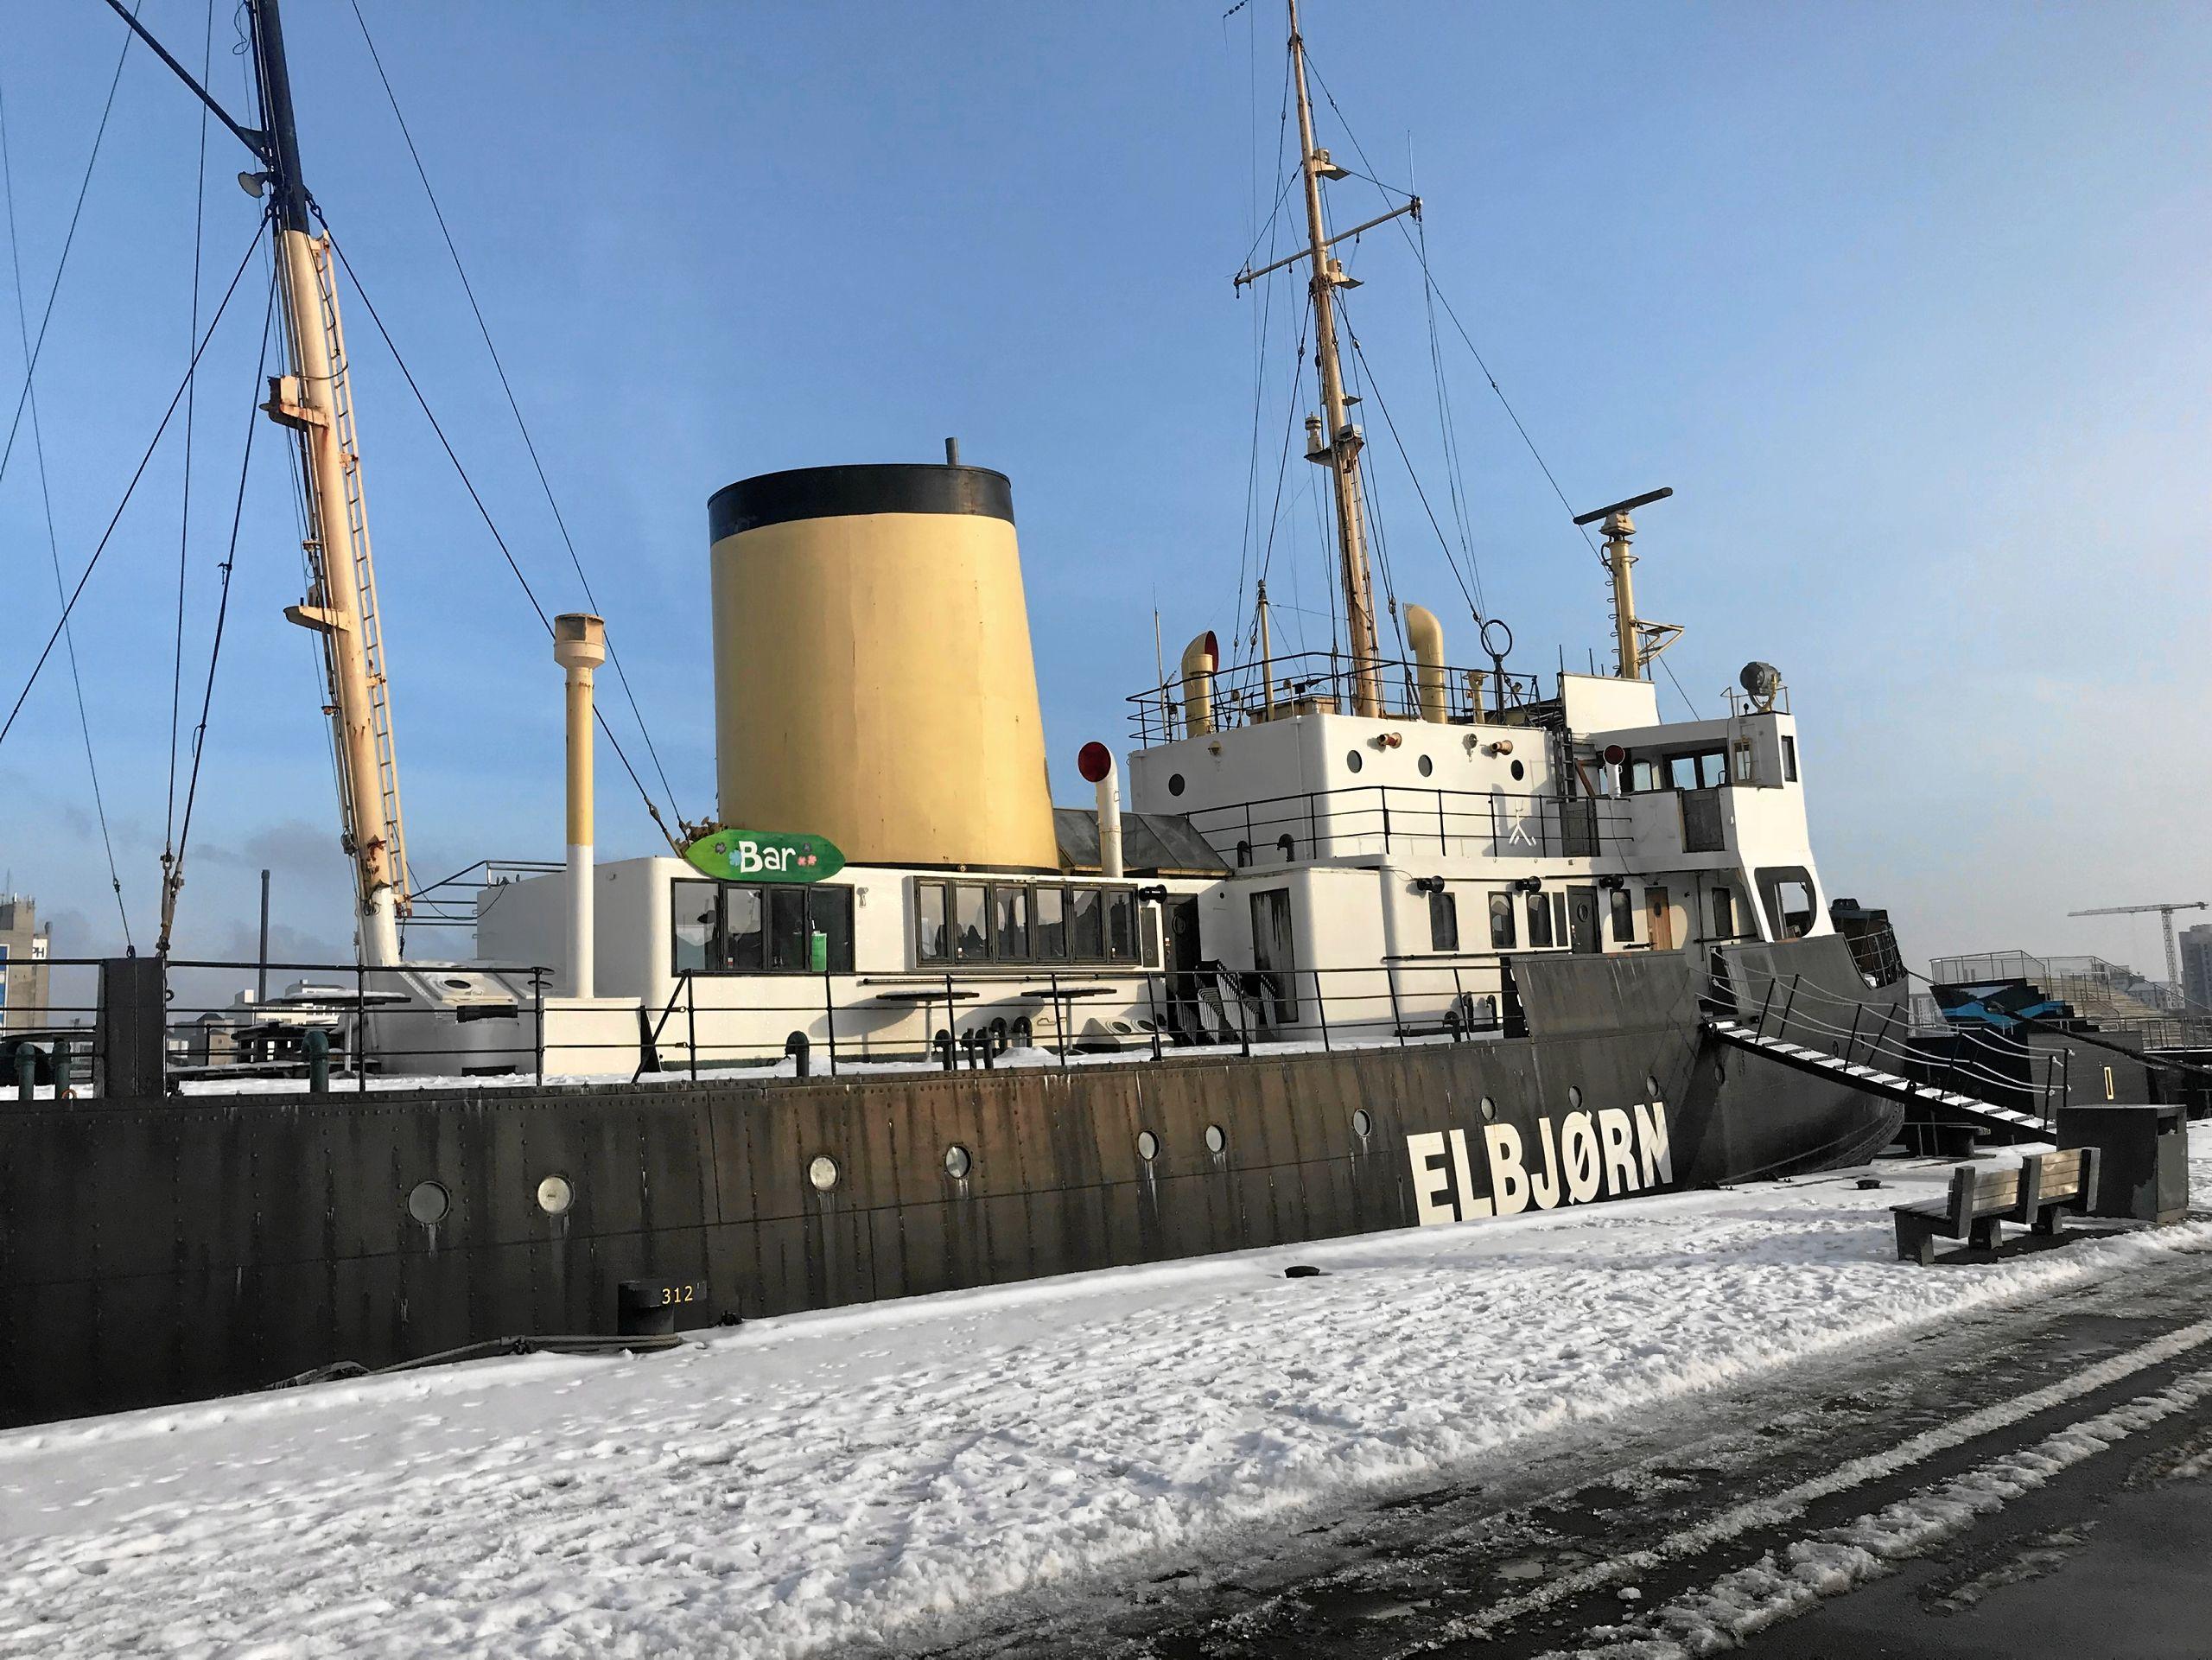 De mørke skyer hænger nu tungt over Elbjørn efter ejerselskabets konkurs